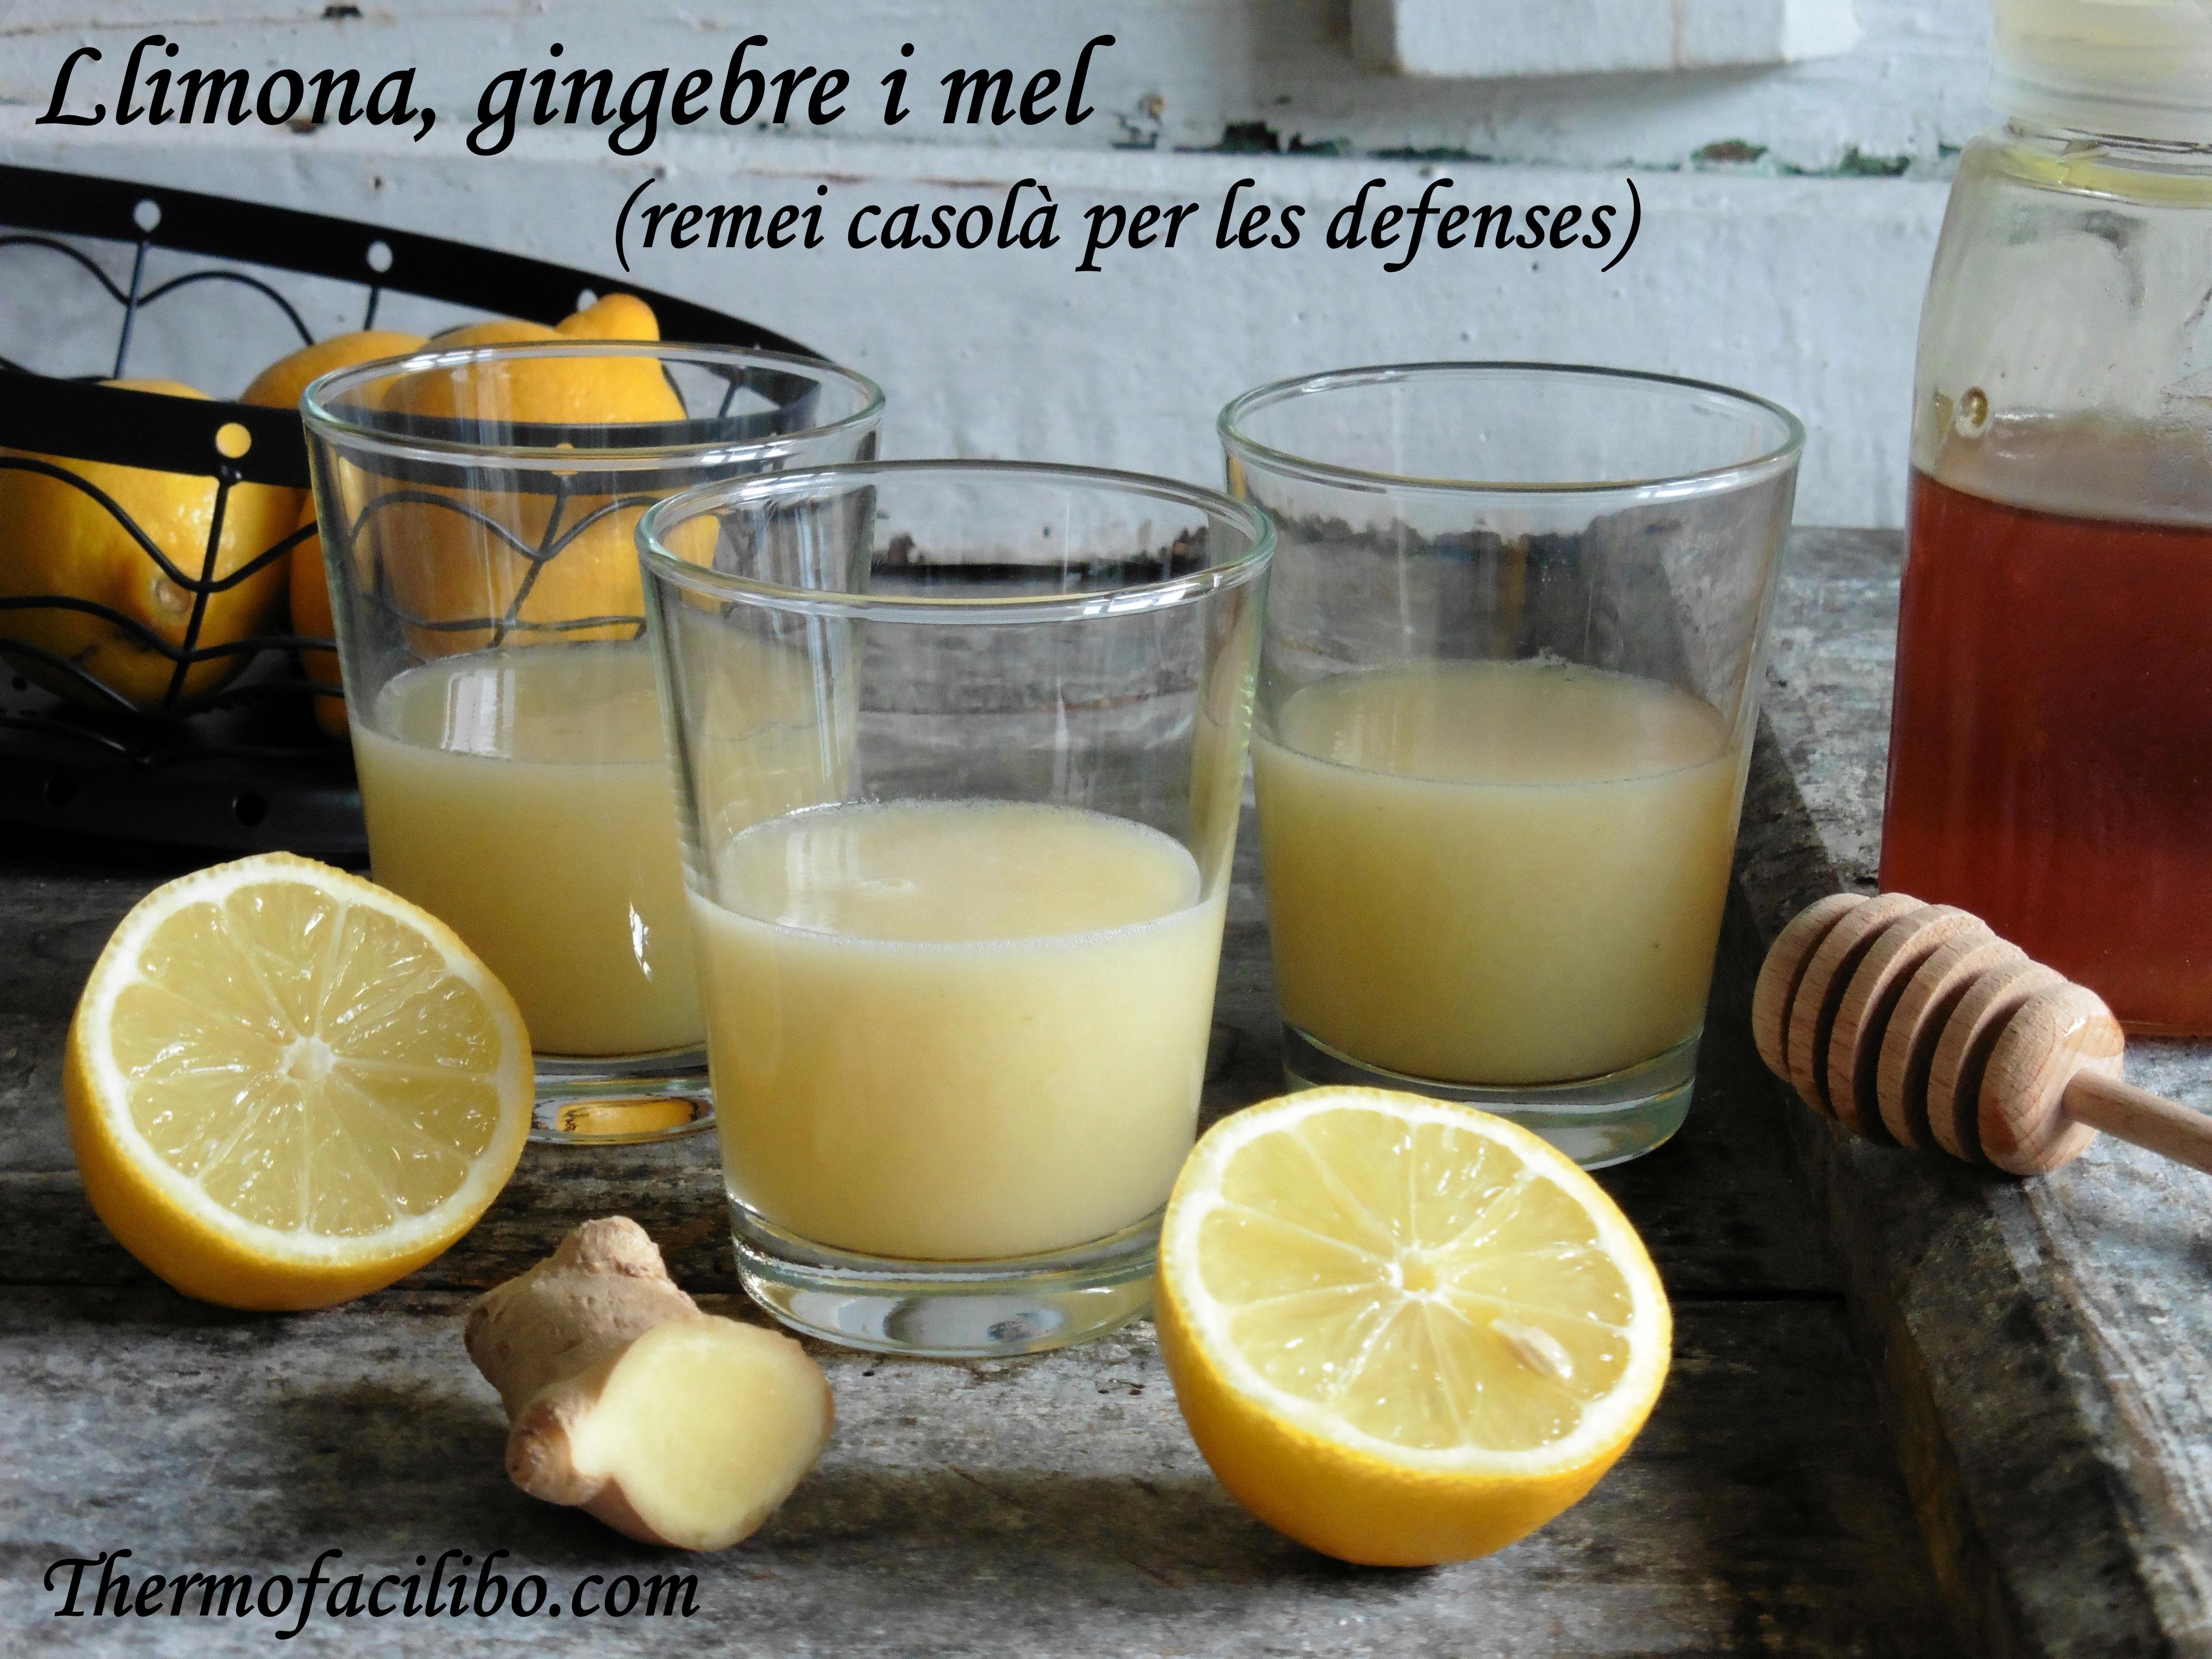 Llimona, gingebre i mel